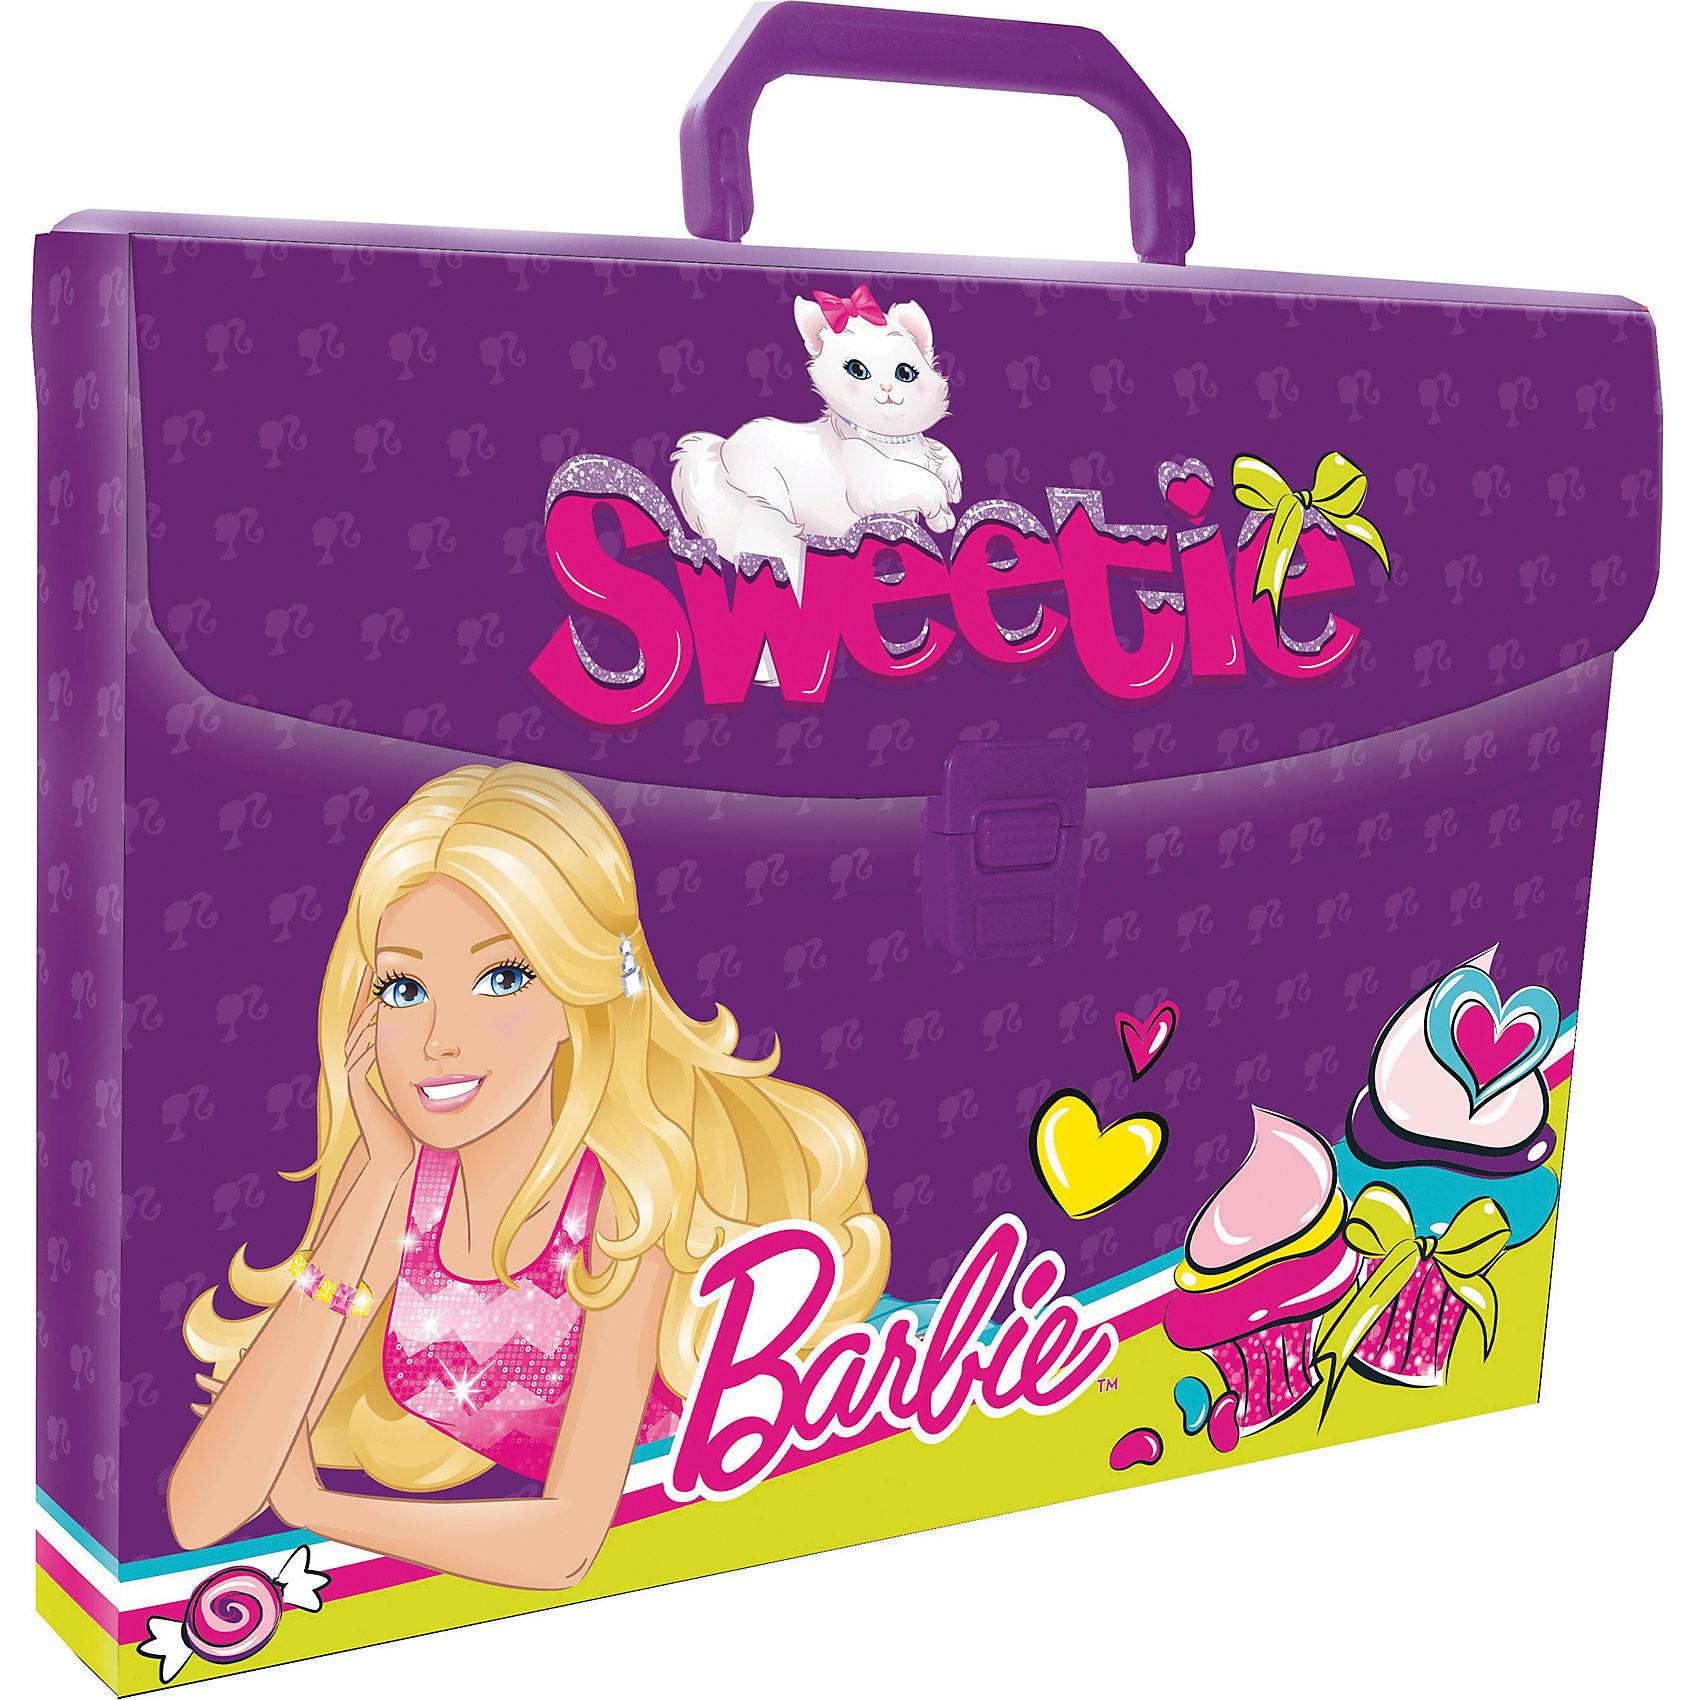 Академия групп Папка-чемодан А4 Barbie академия групп пластиковая папка чемодан 26 33 5 5 см тачки